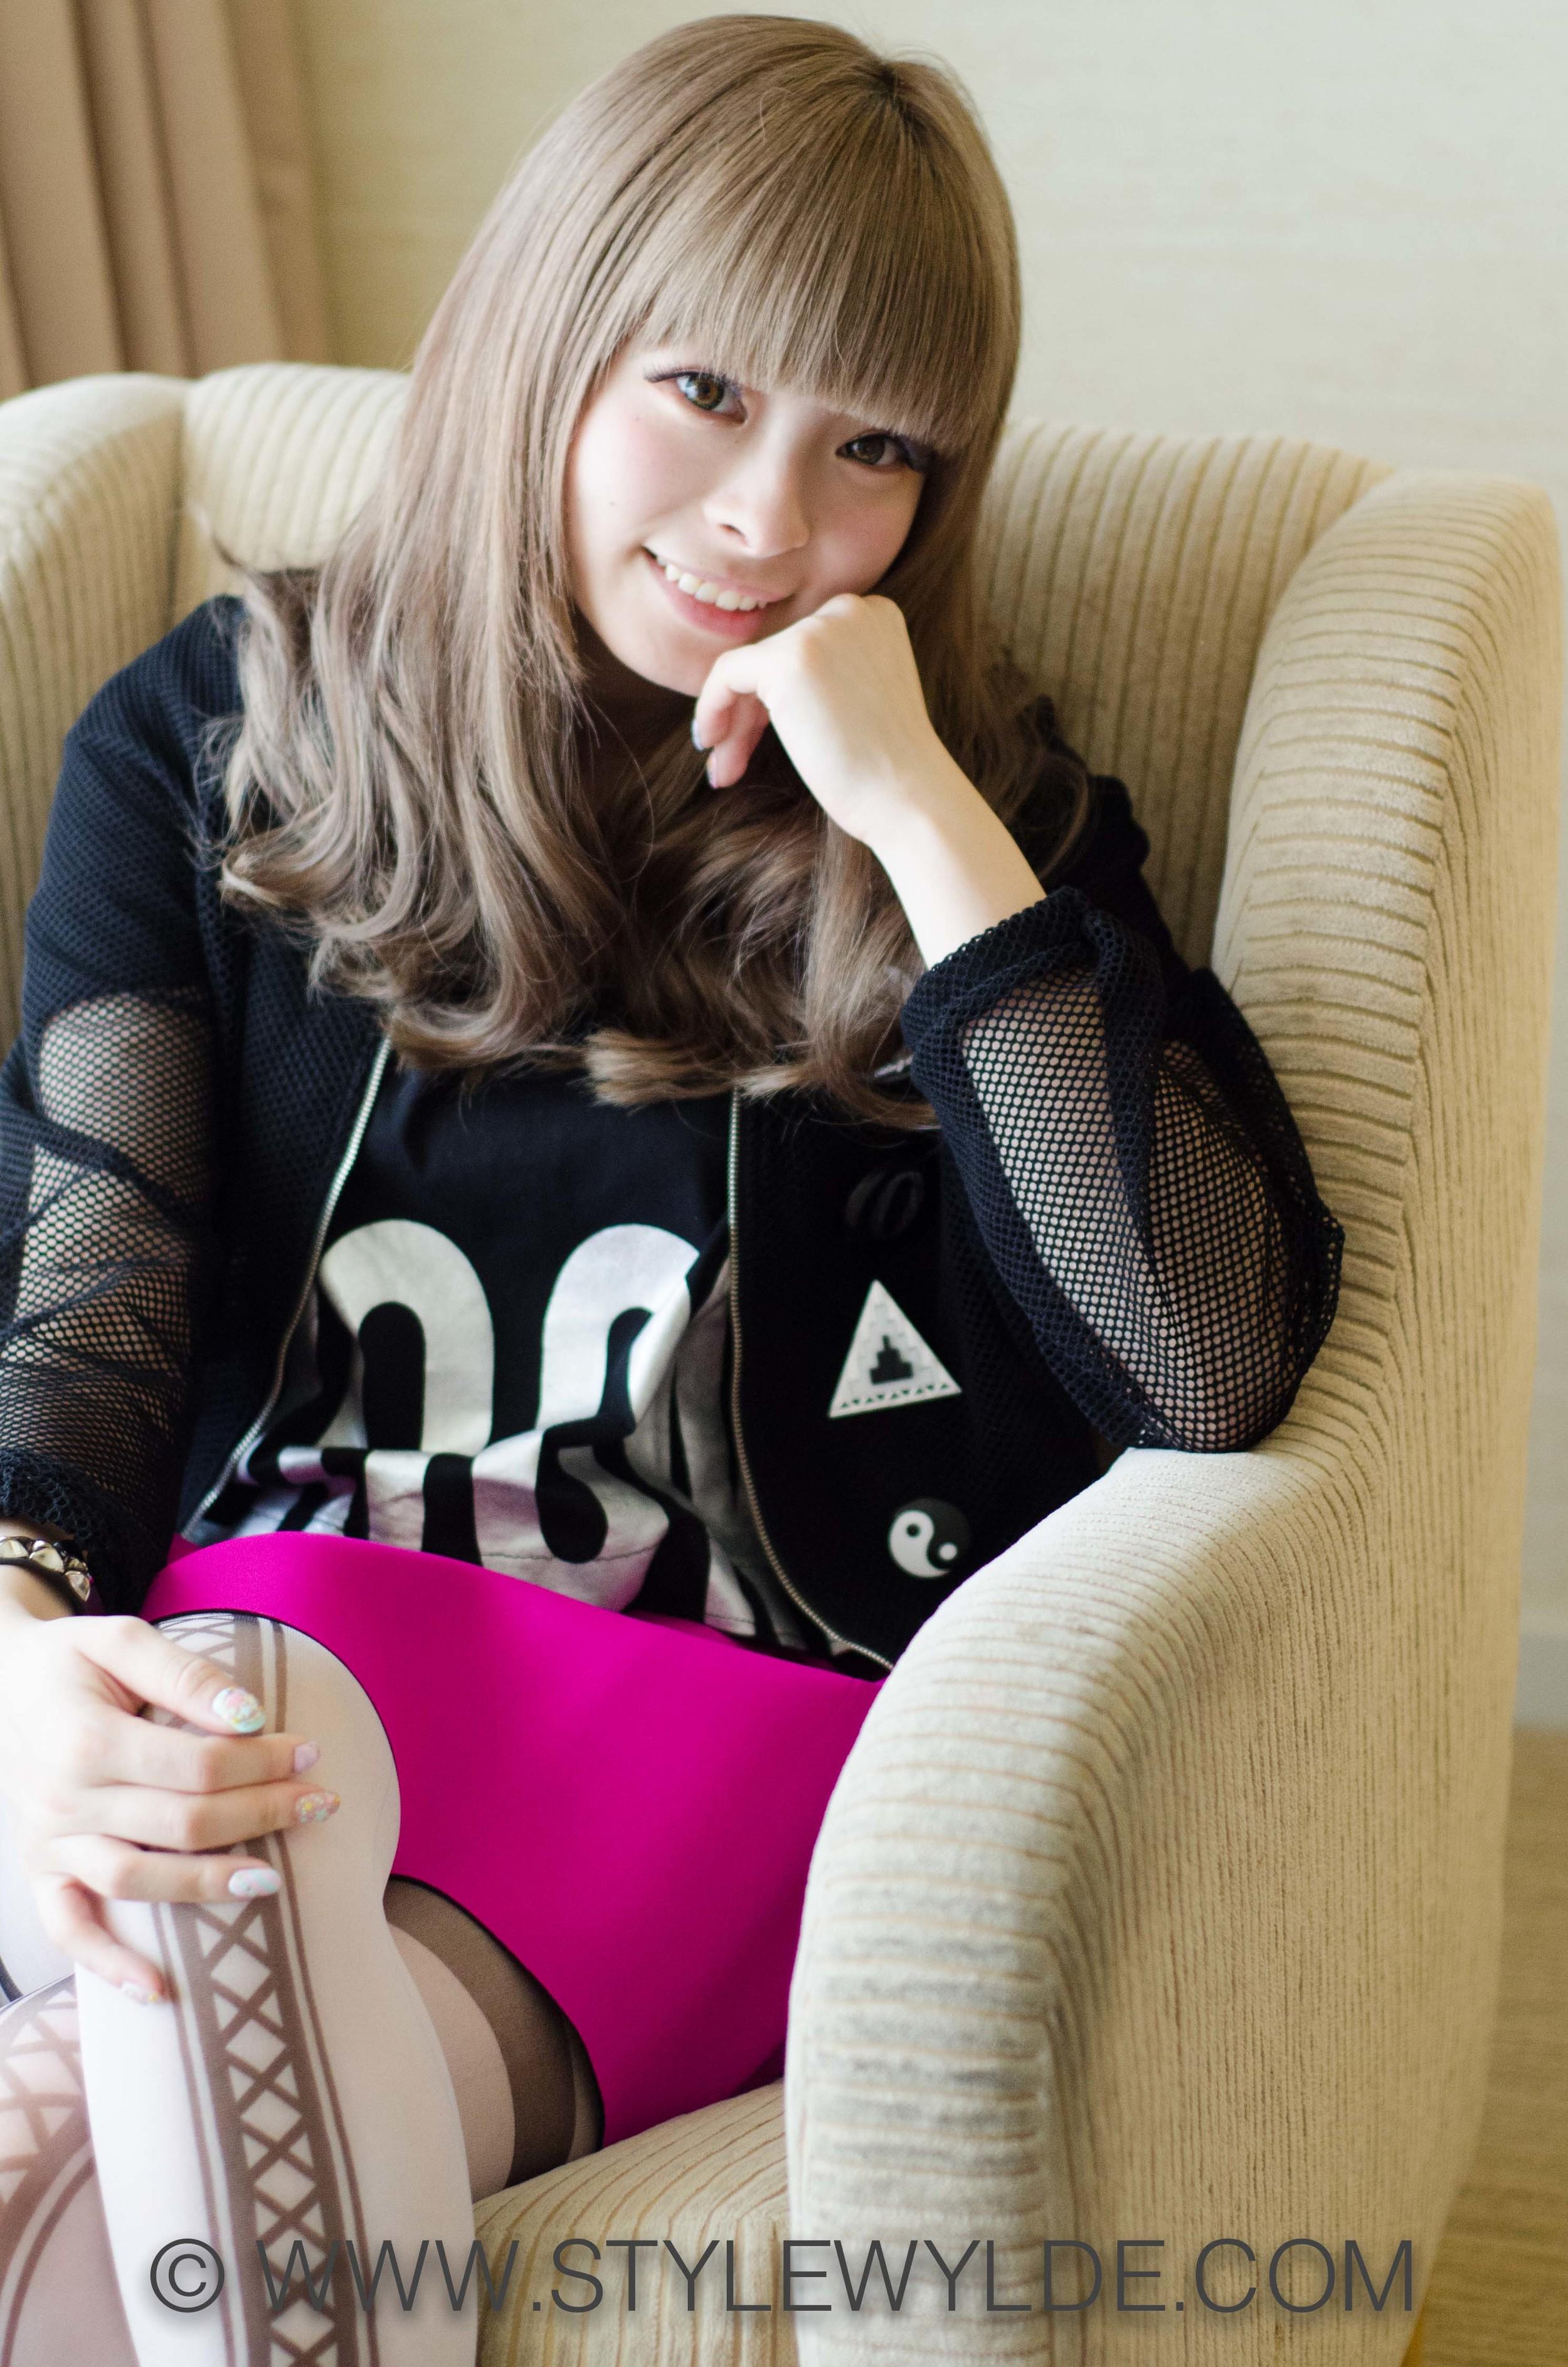 StyleWylde_KyaryPamyuPamyu_Exclusive_july13 (8 of 8).jpg